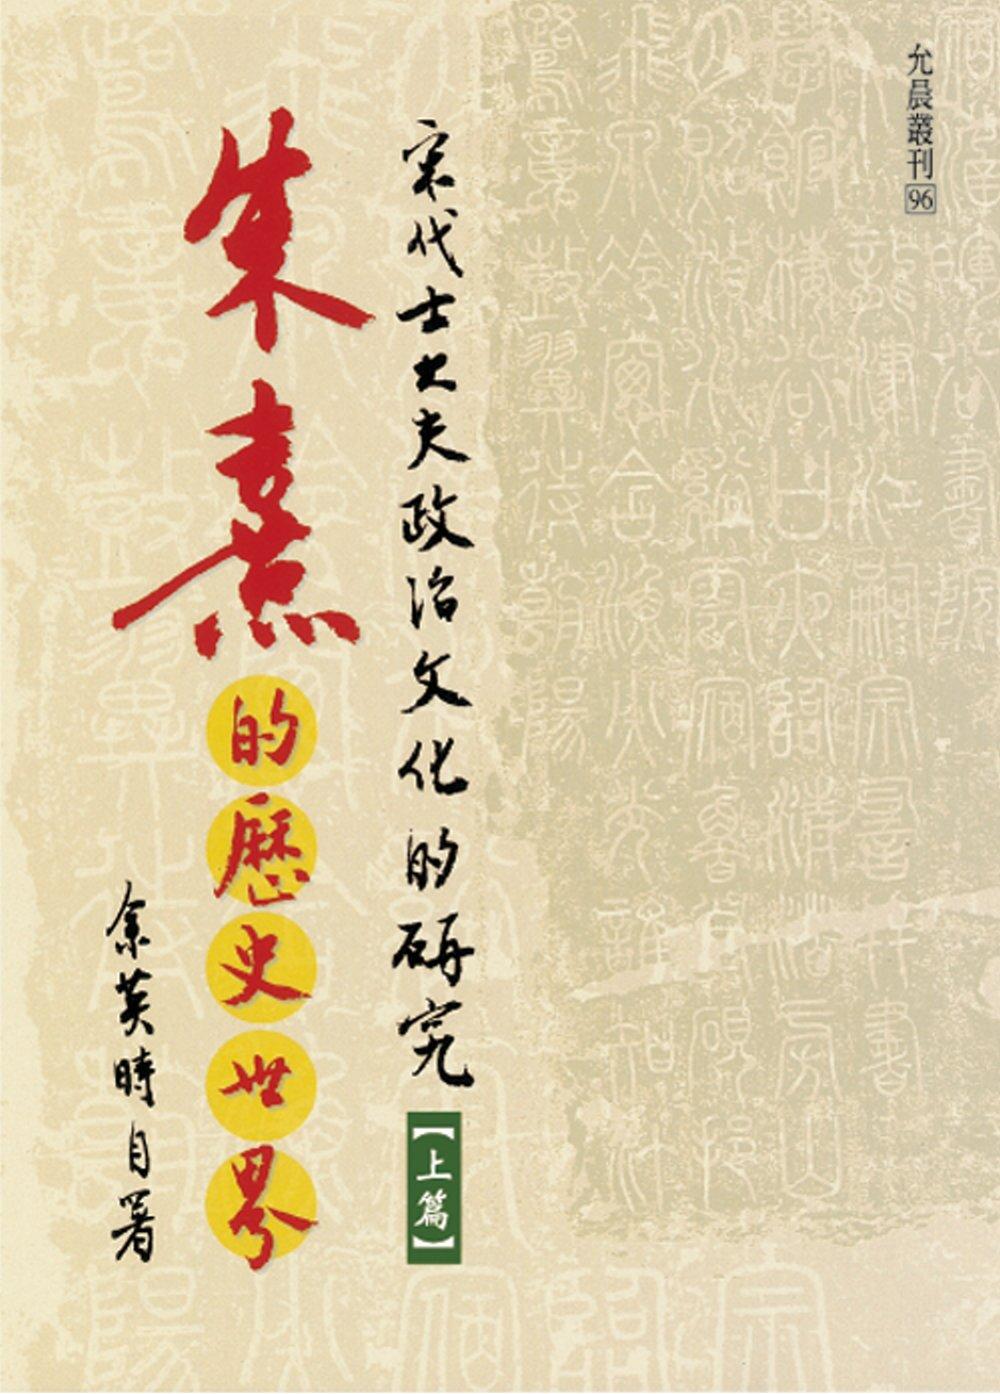 朱熹的歷史世界 :  宋代士大夫政治文化的研究 /